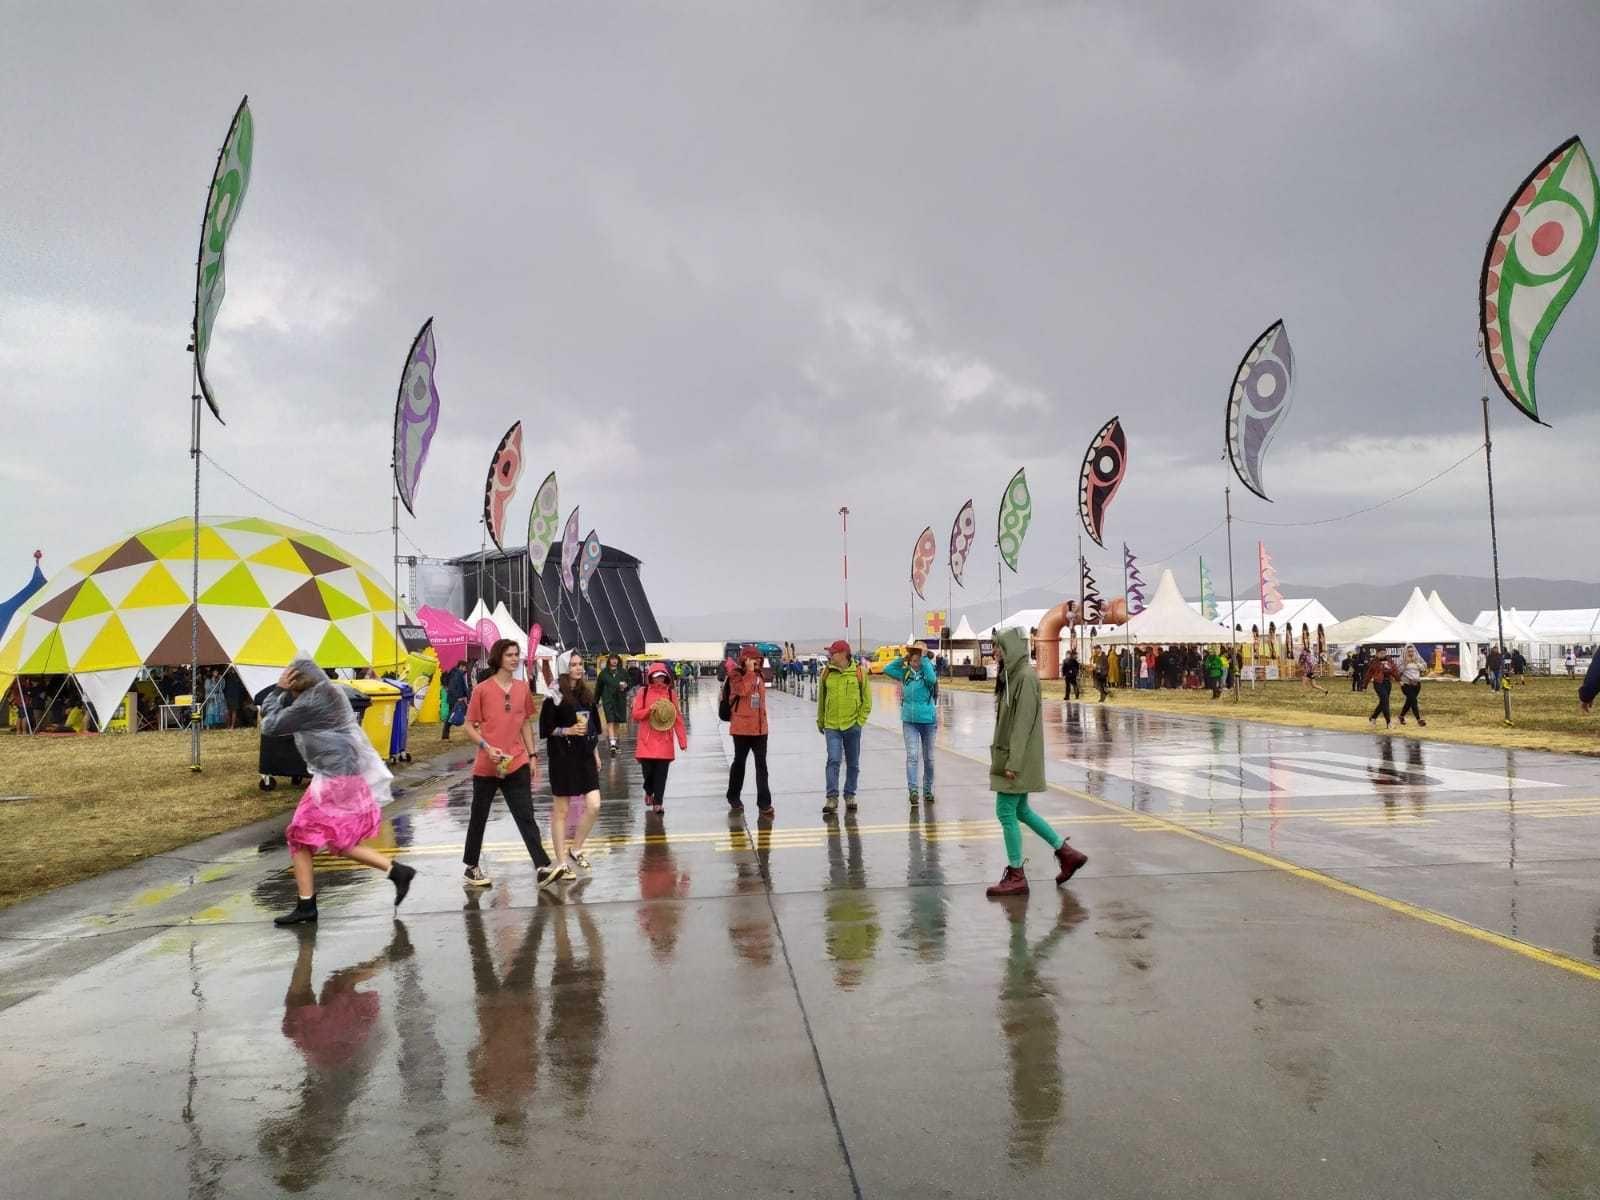 Na Pohode hrozí búrka s krupobitím. Organizátori žiadajú návštevníkov, aby sa v prípade zhoršenia riadili evakuačným plánom